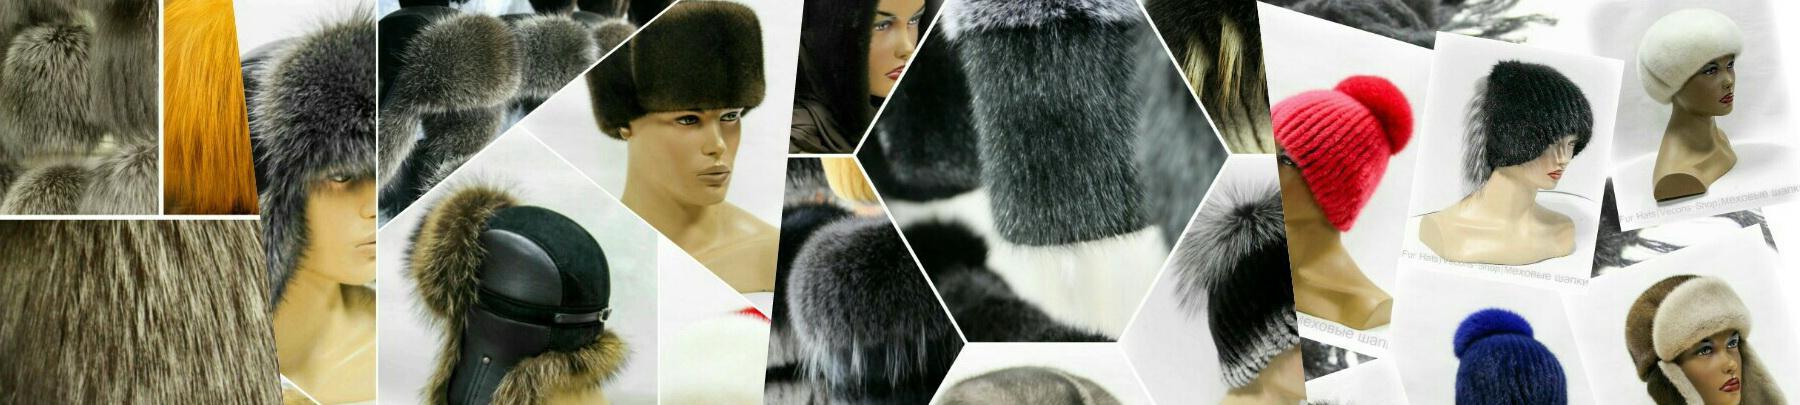 Меховые шапки из Rex Rabbit. Товары и услуги компании